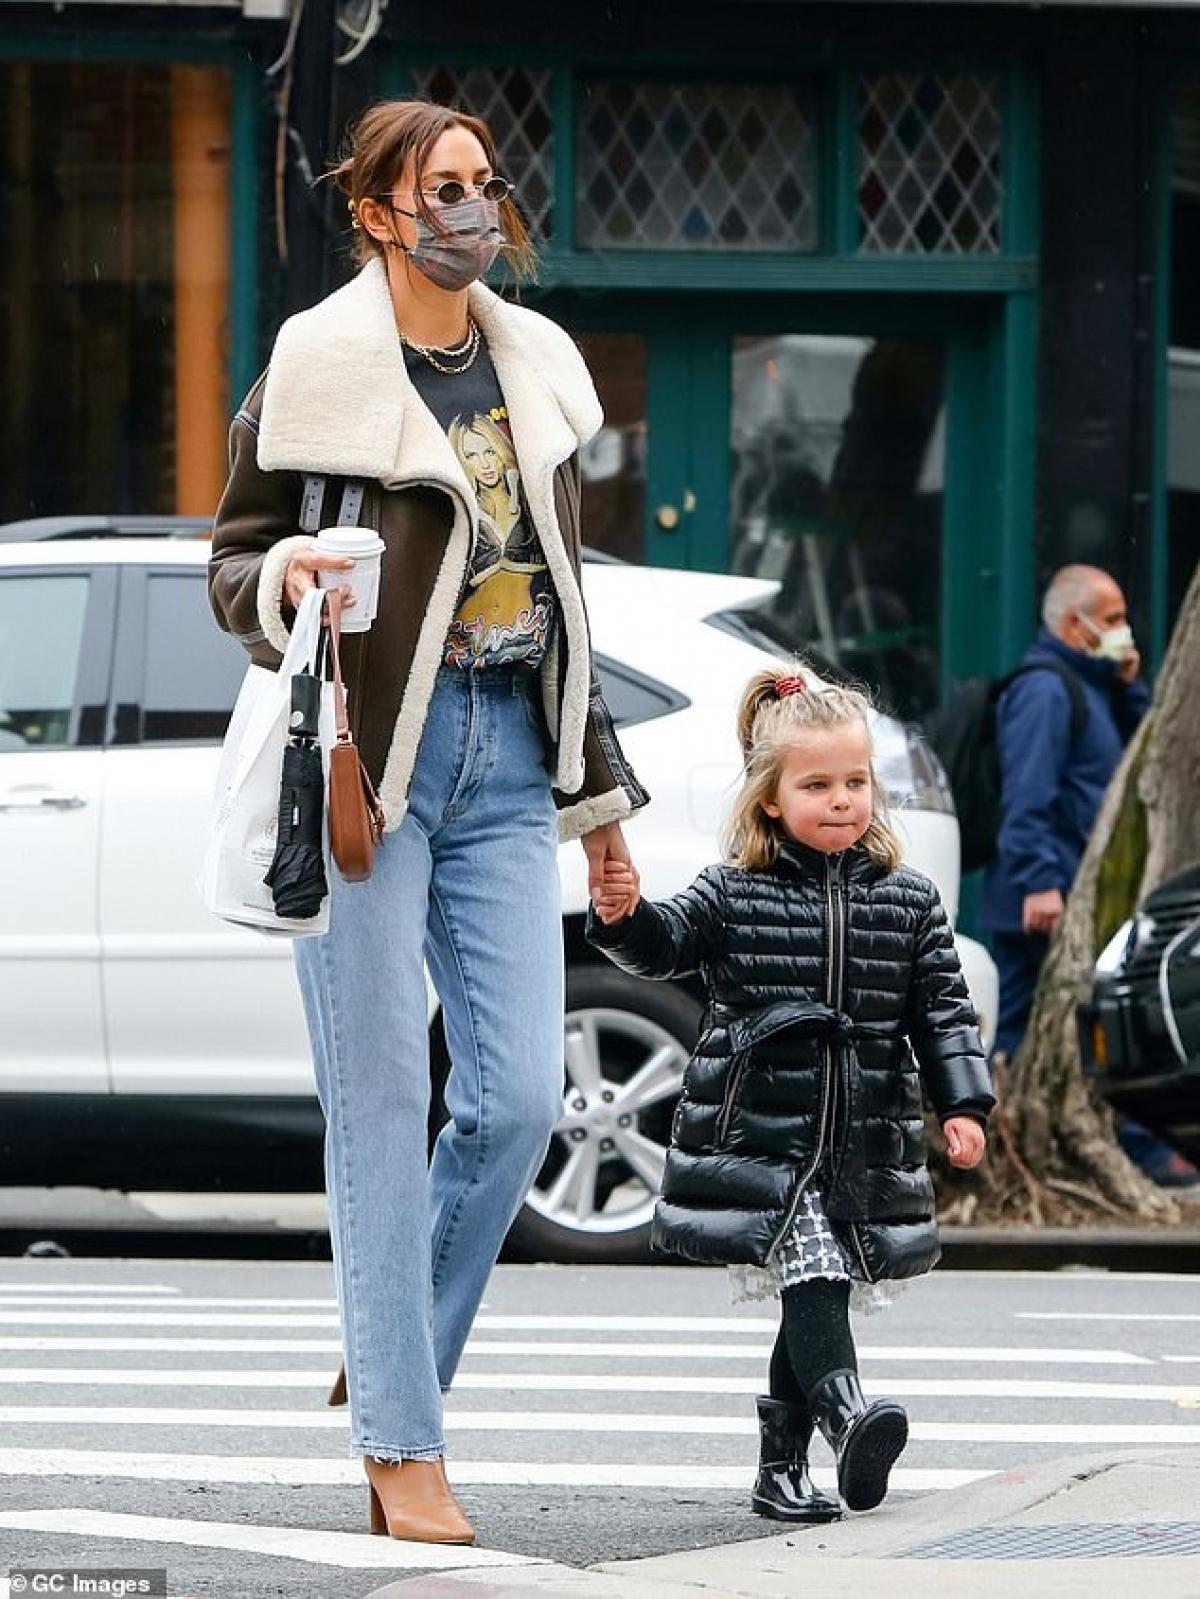 Irina Shayk diện áo phông in hình Britney Spears đi chơi cùng con gái cưng Ảnh 3